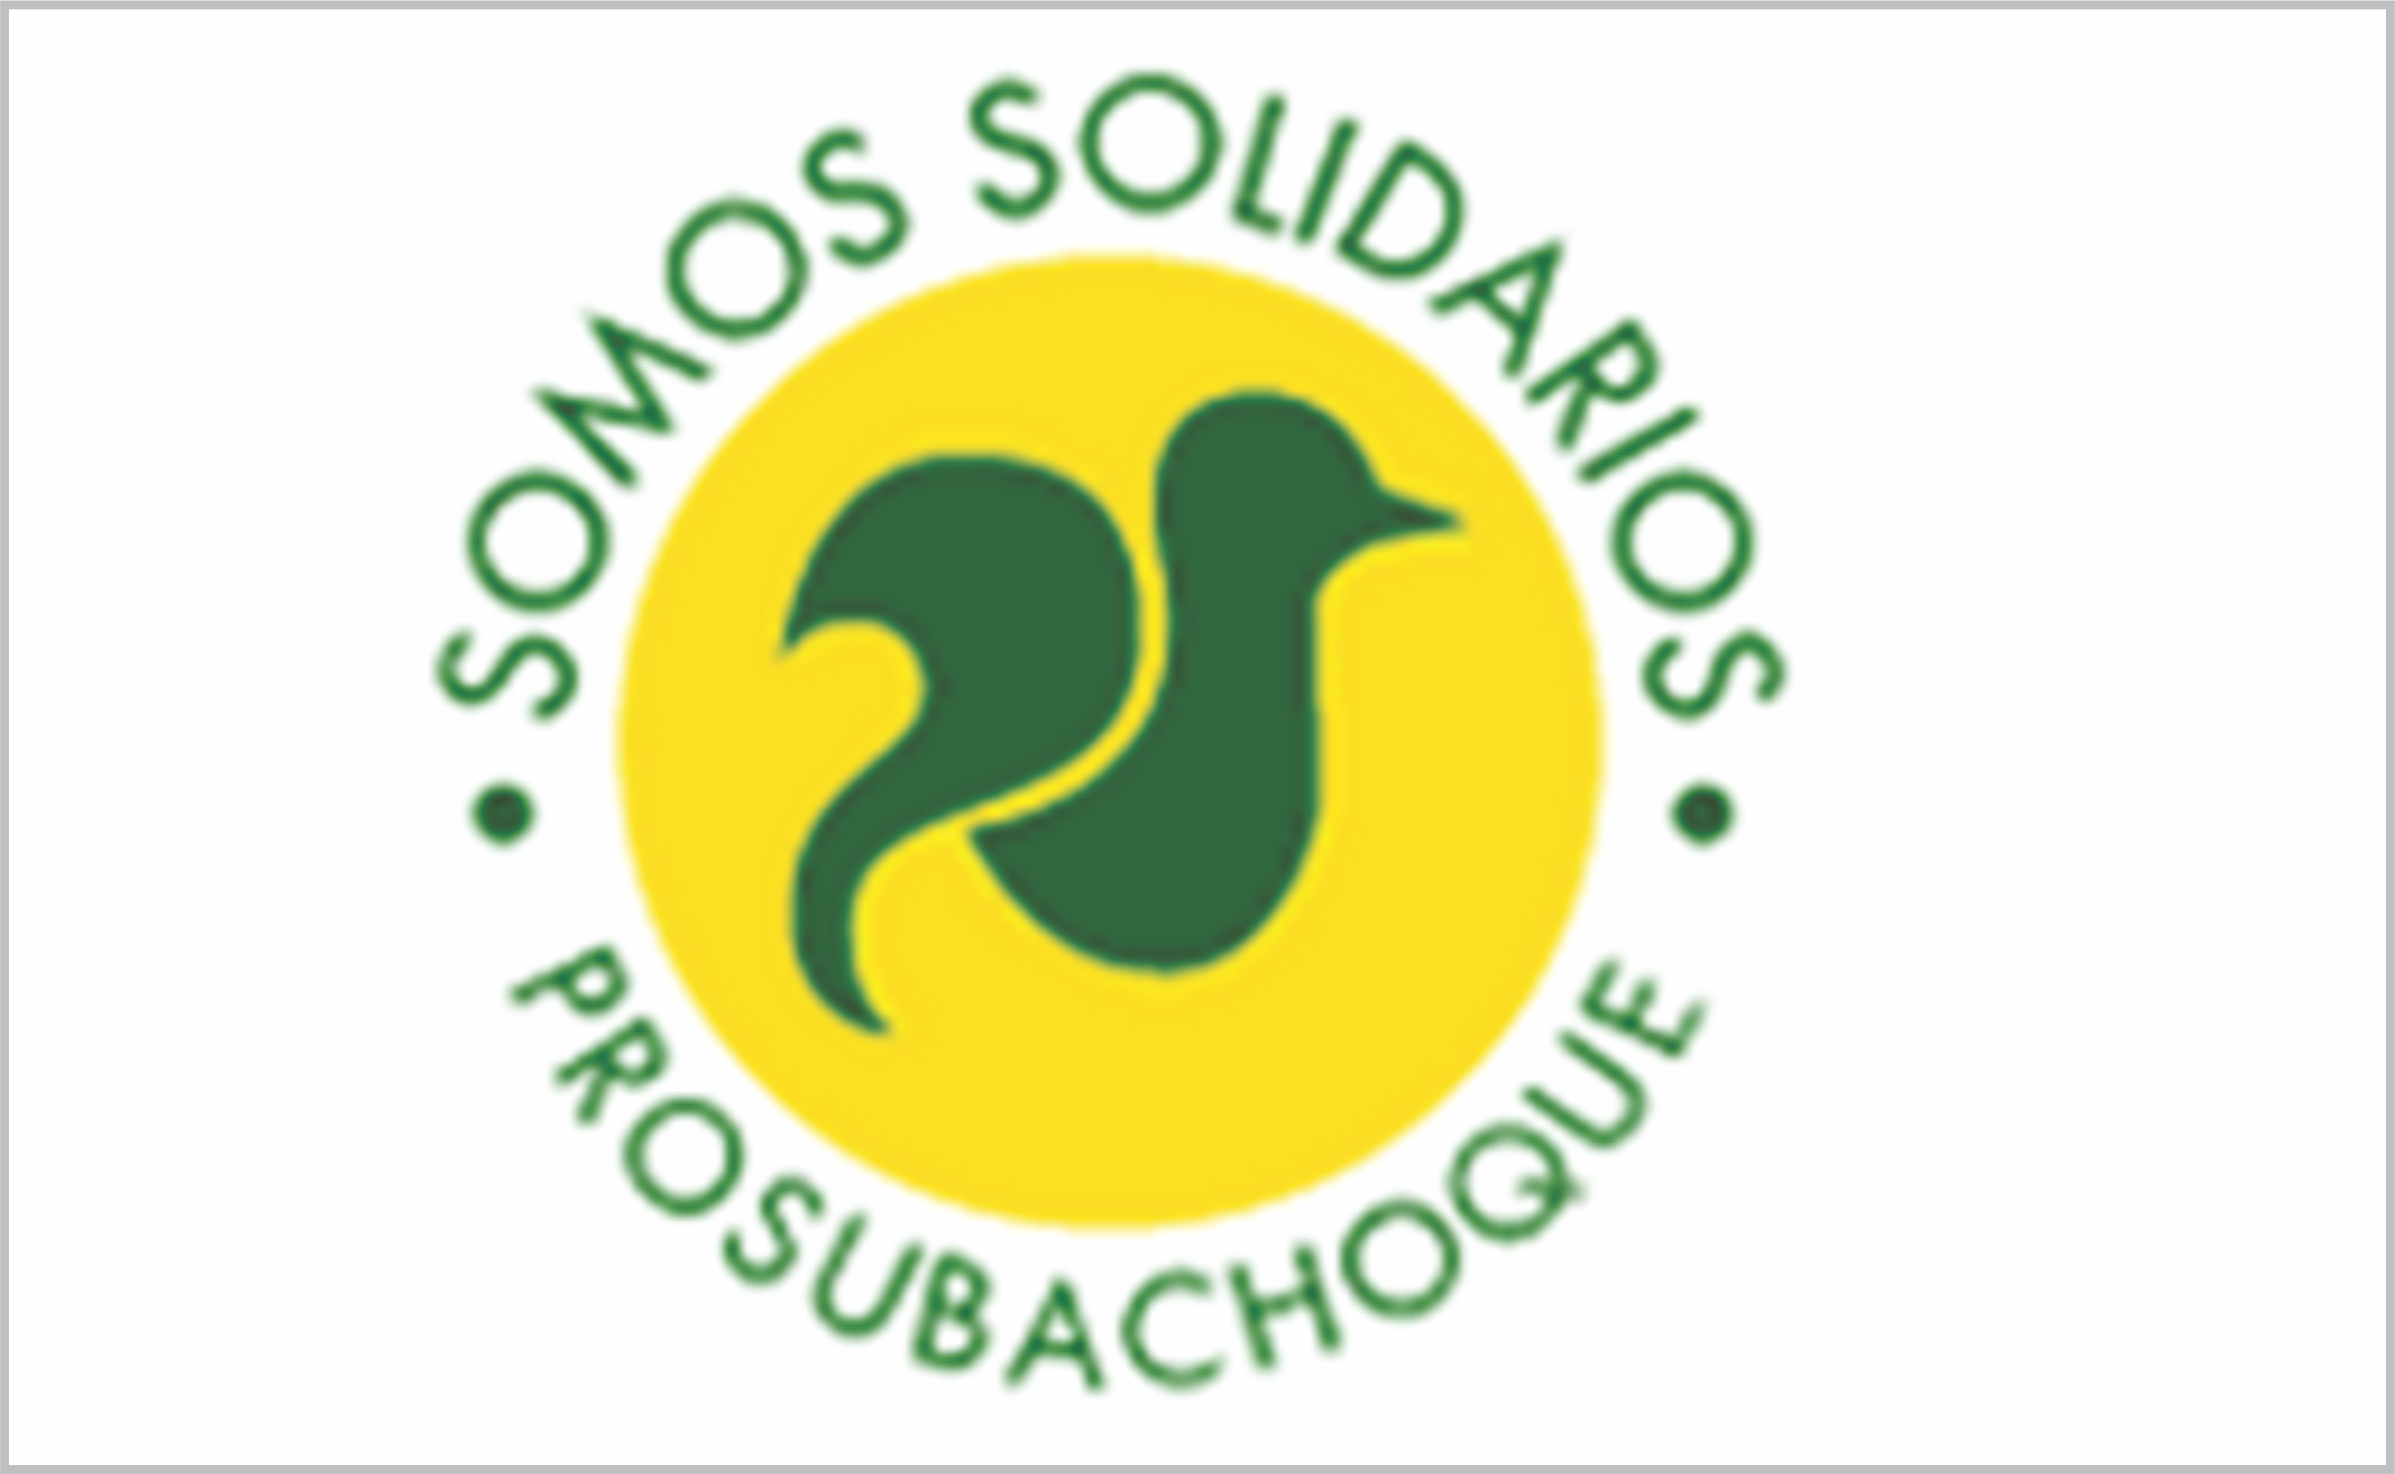 Prosubachoque